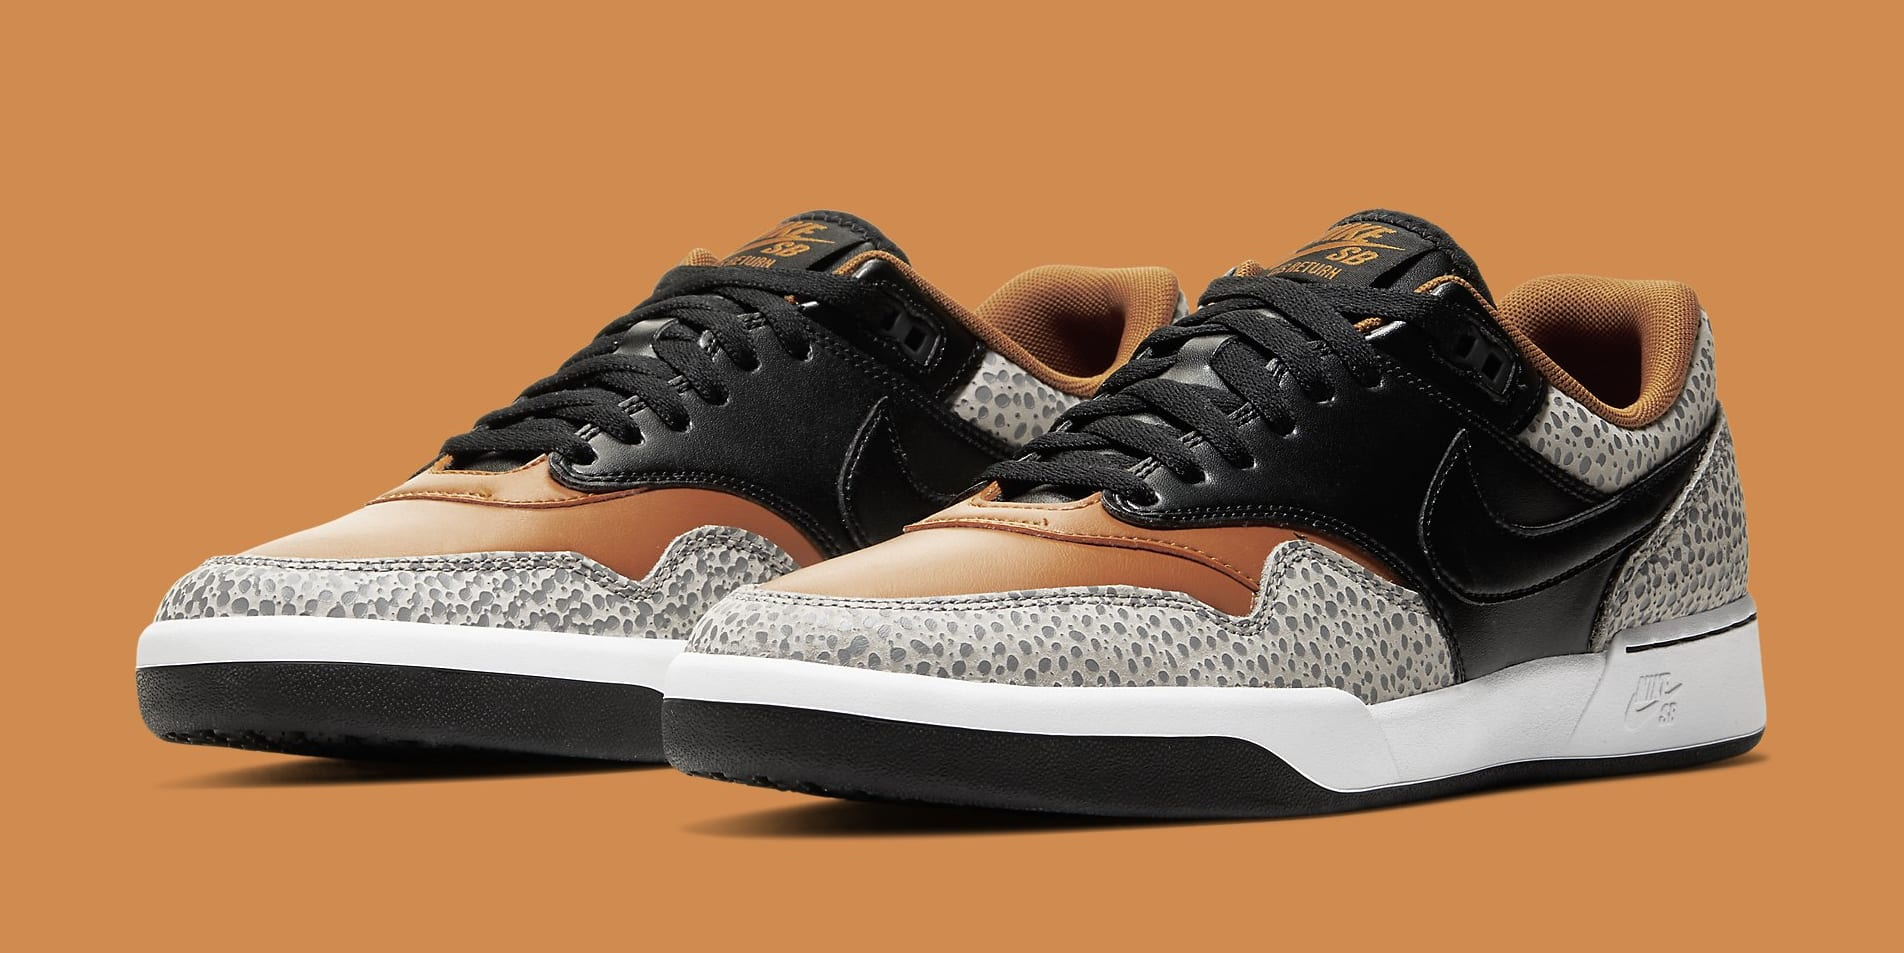 nike-sb-gts-return-safari-cv6283-001-pair